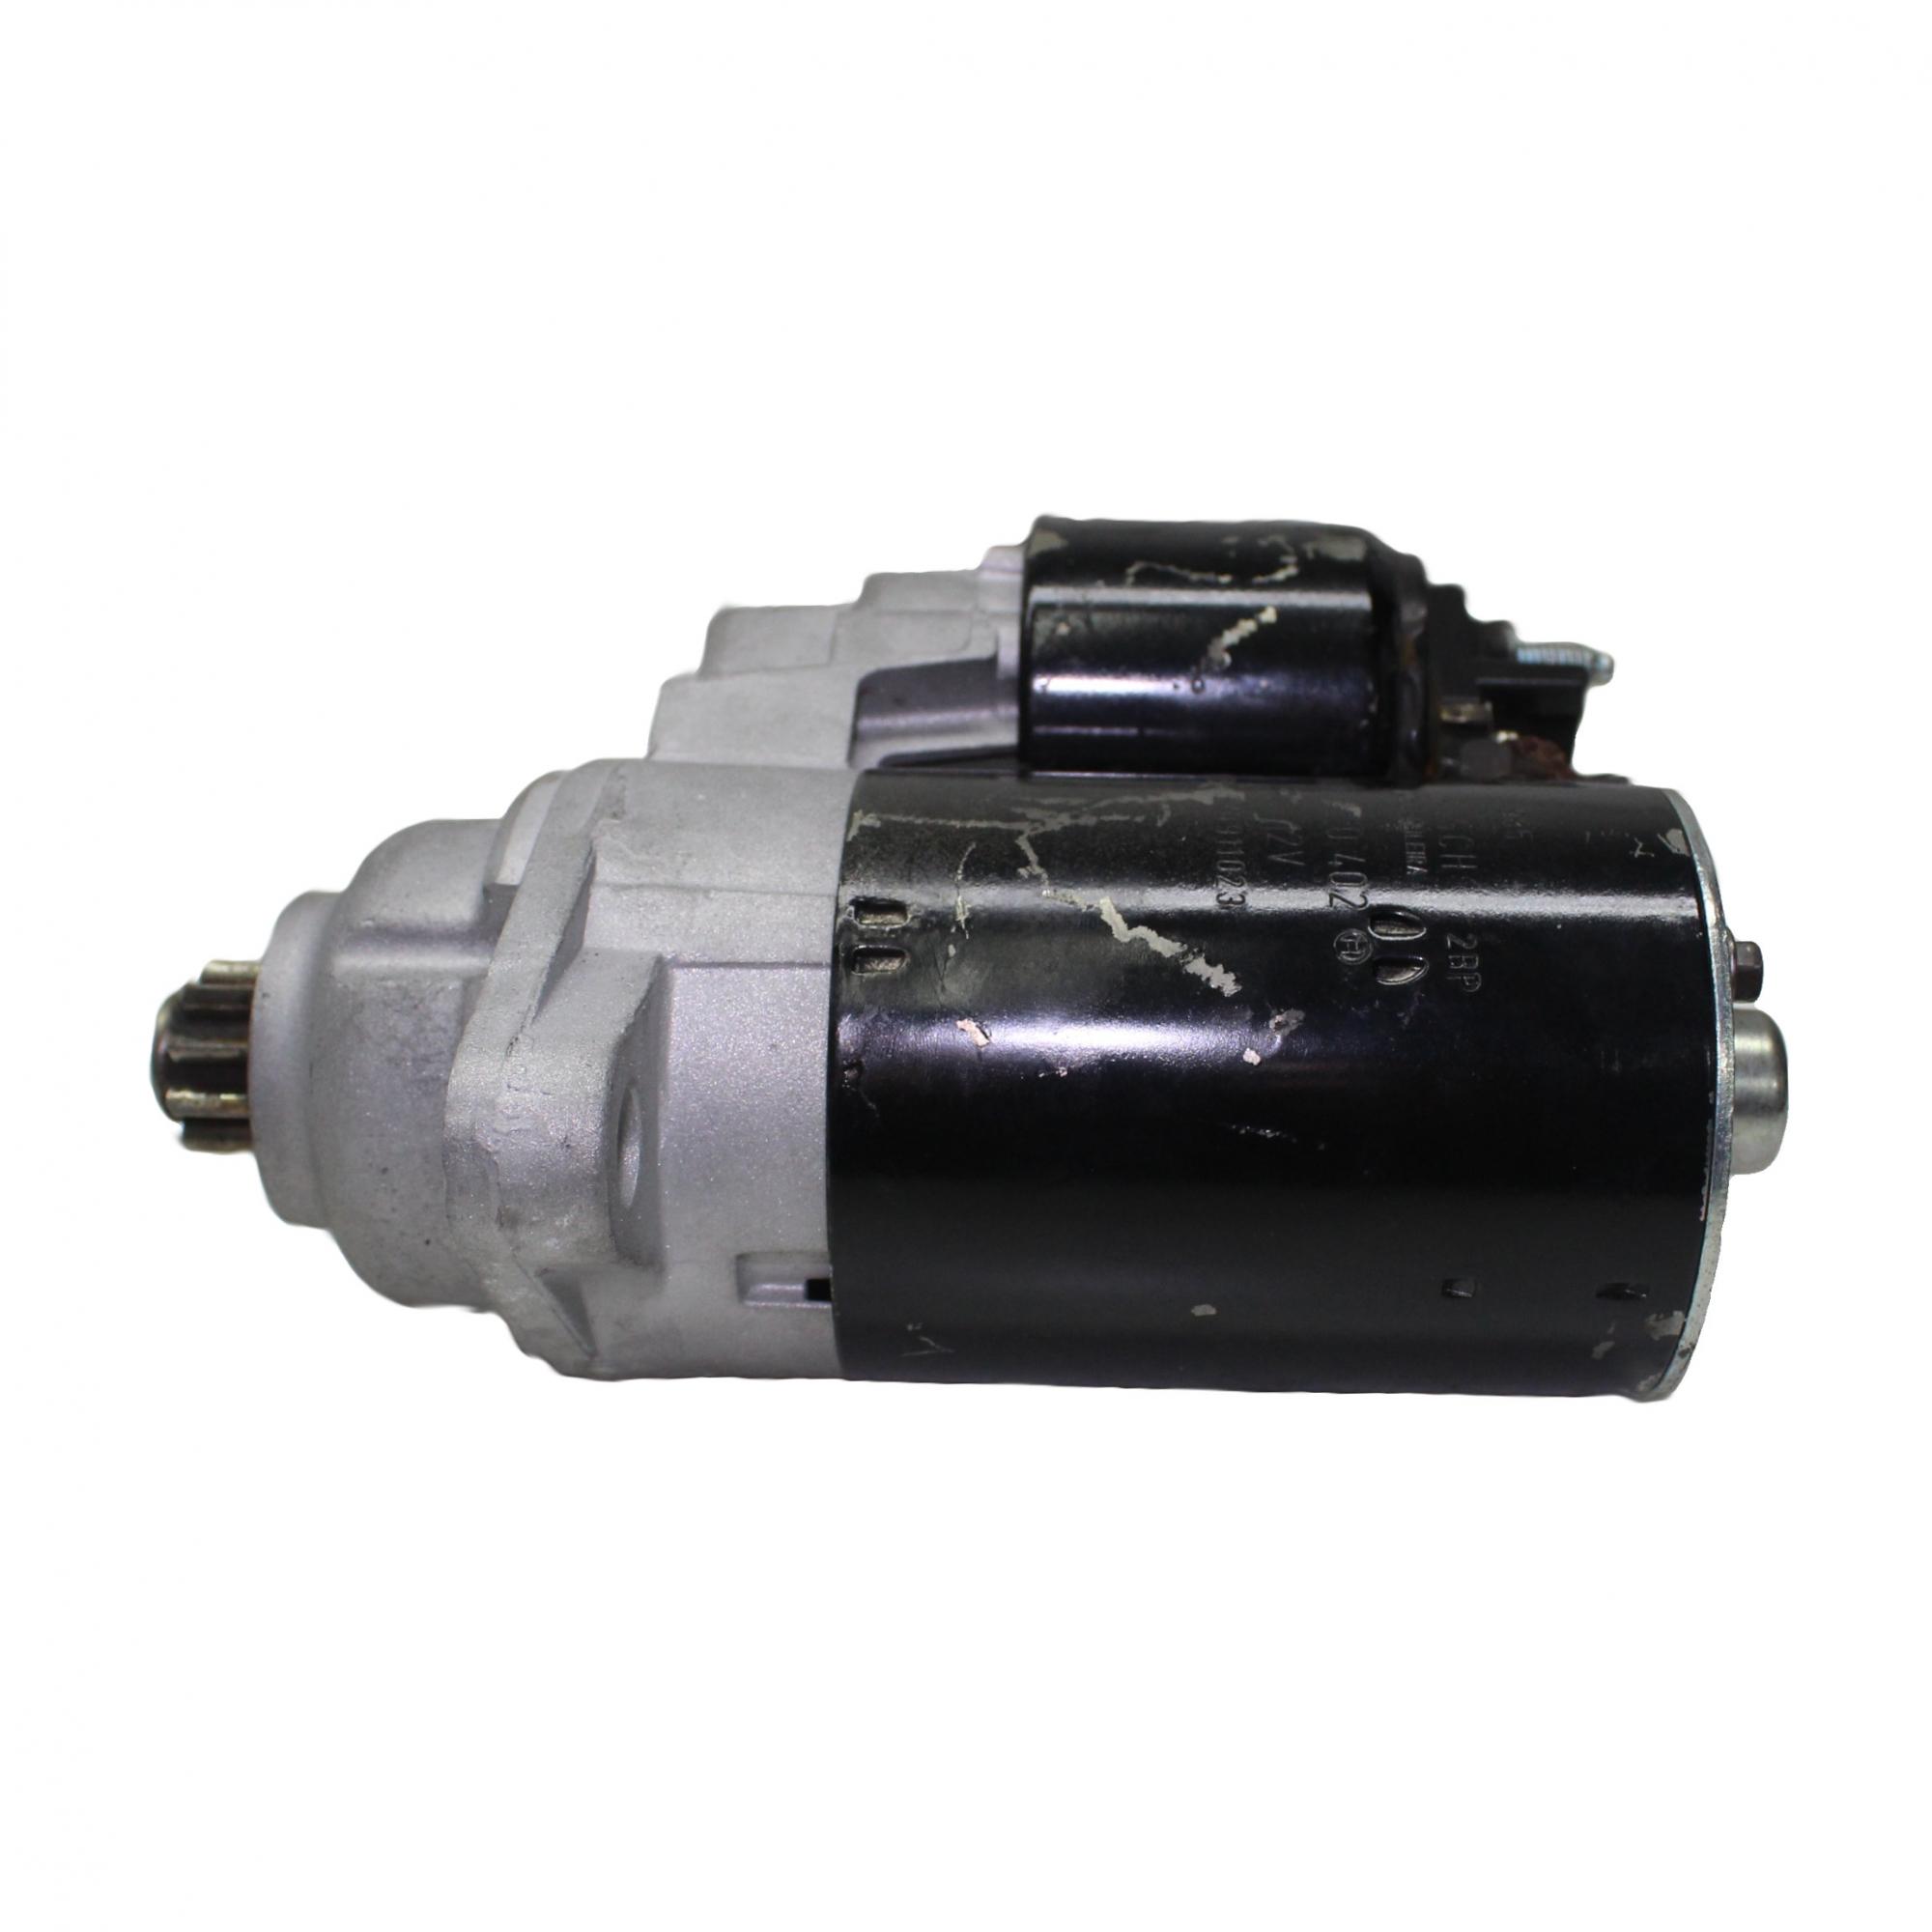 Motor Arranque Partida Bosch Polo 2003...2016, Fox 1.0 e 1.6 - 9 Dentes F000AL0402